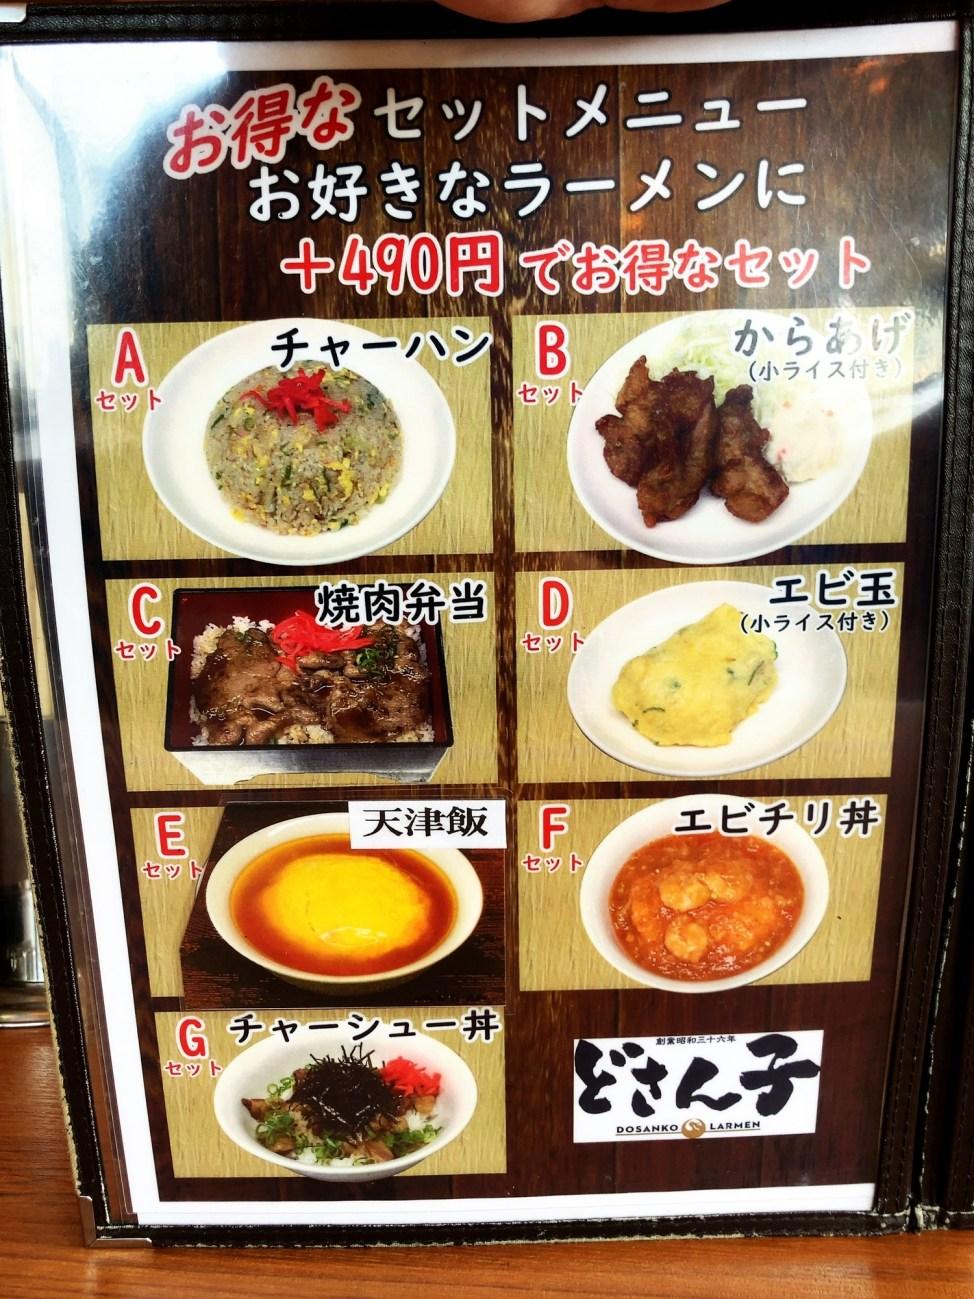 どさん子ラーメン 浜松シーサイド店のメニュー6